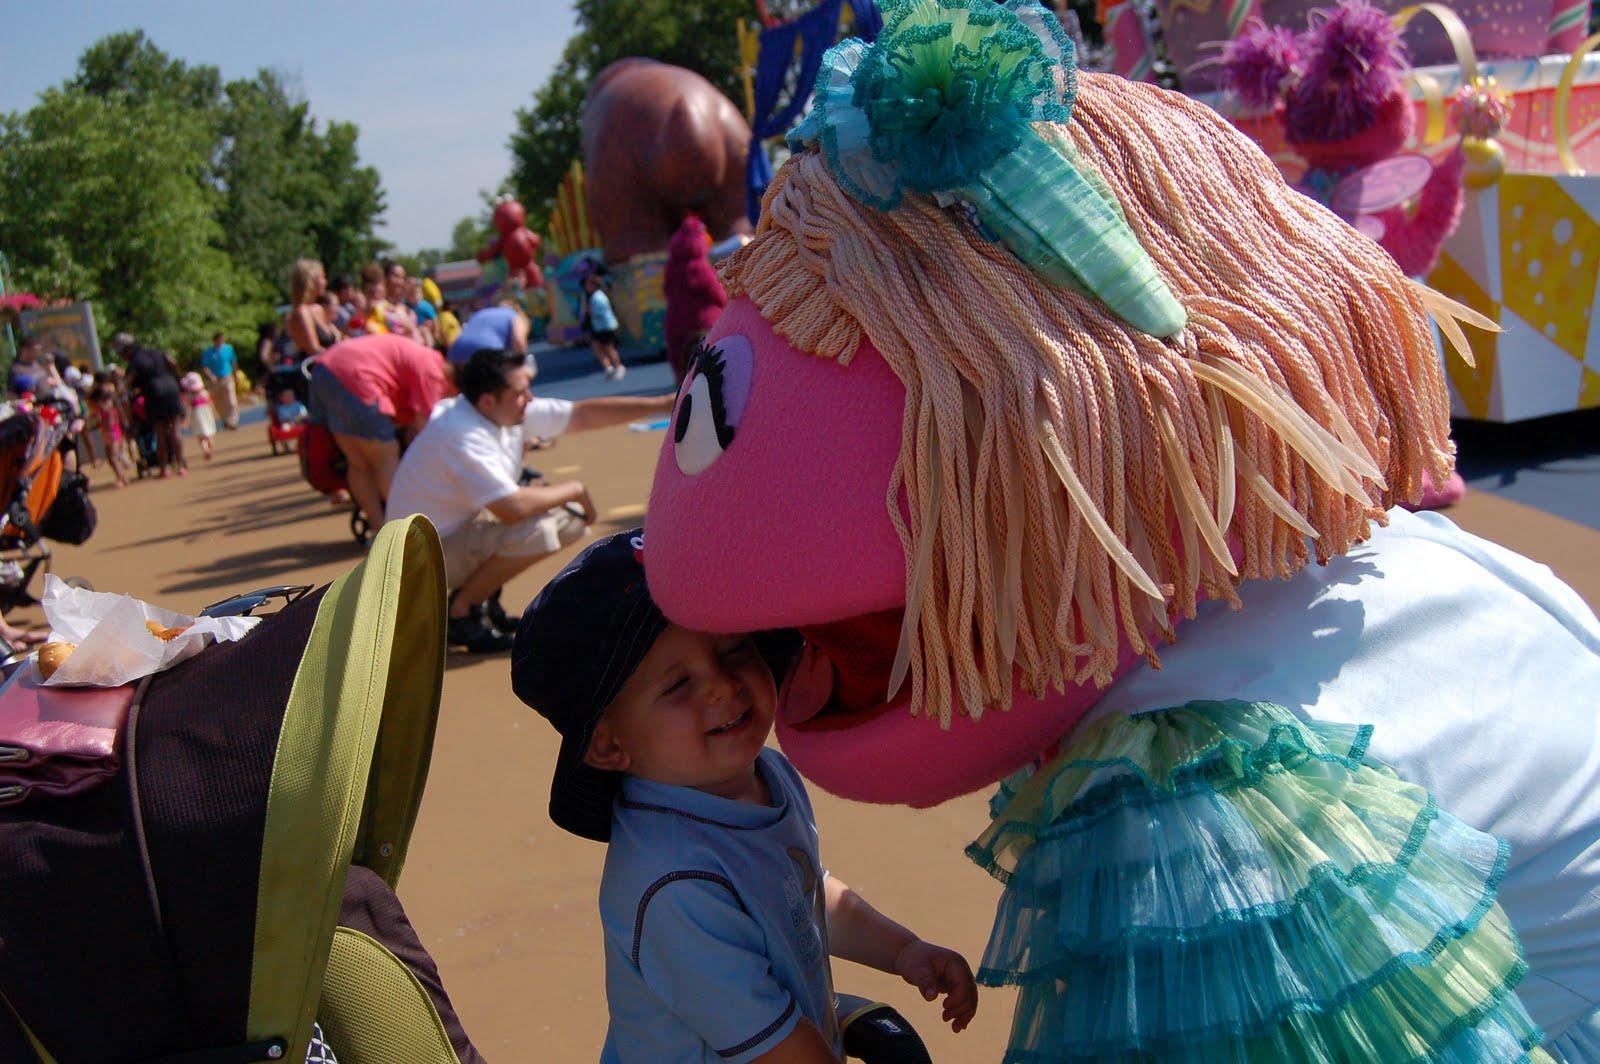 Big Bird Sesame Place Parade Balloon